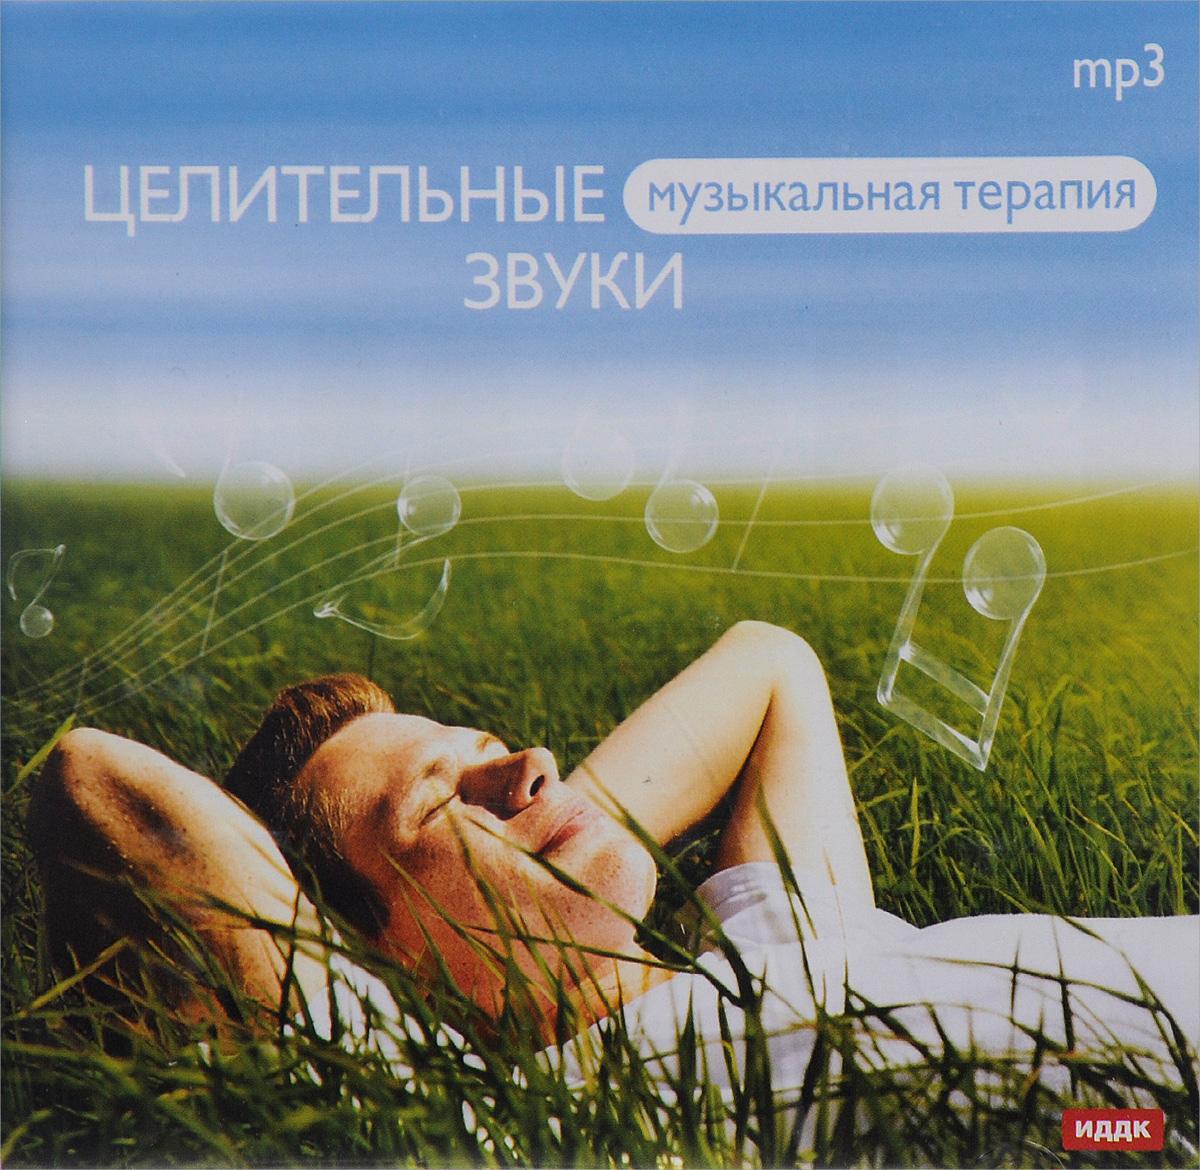 Музыкальная терапия. Целительные звуки (mp3)